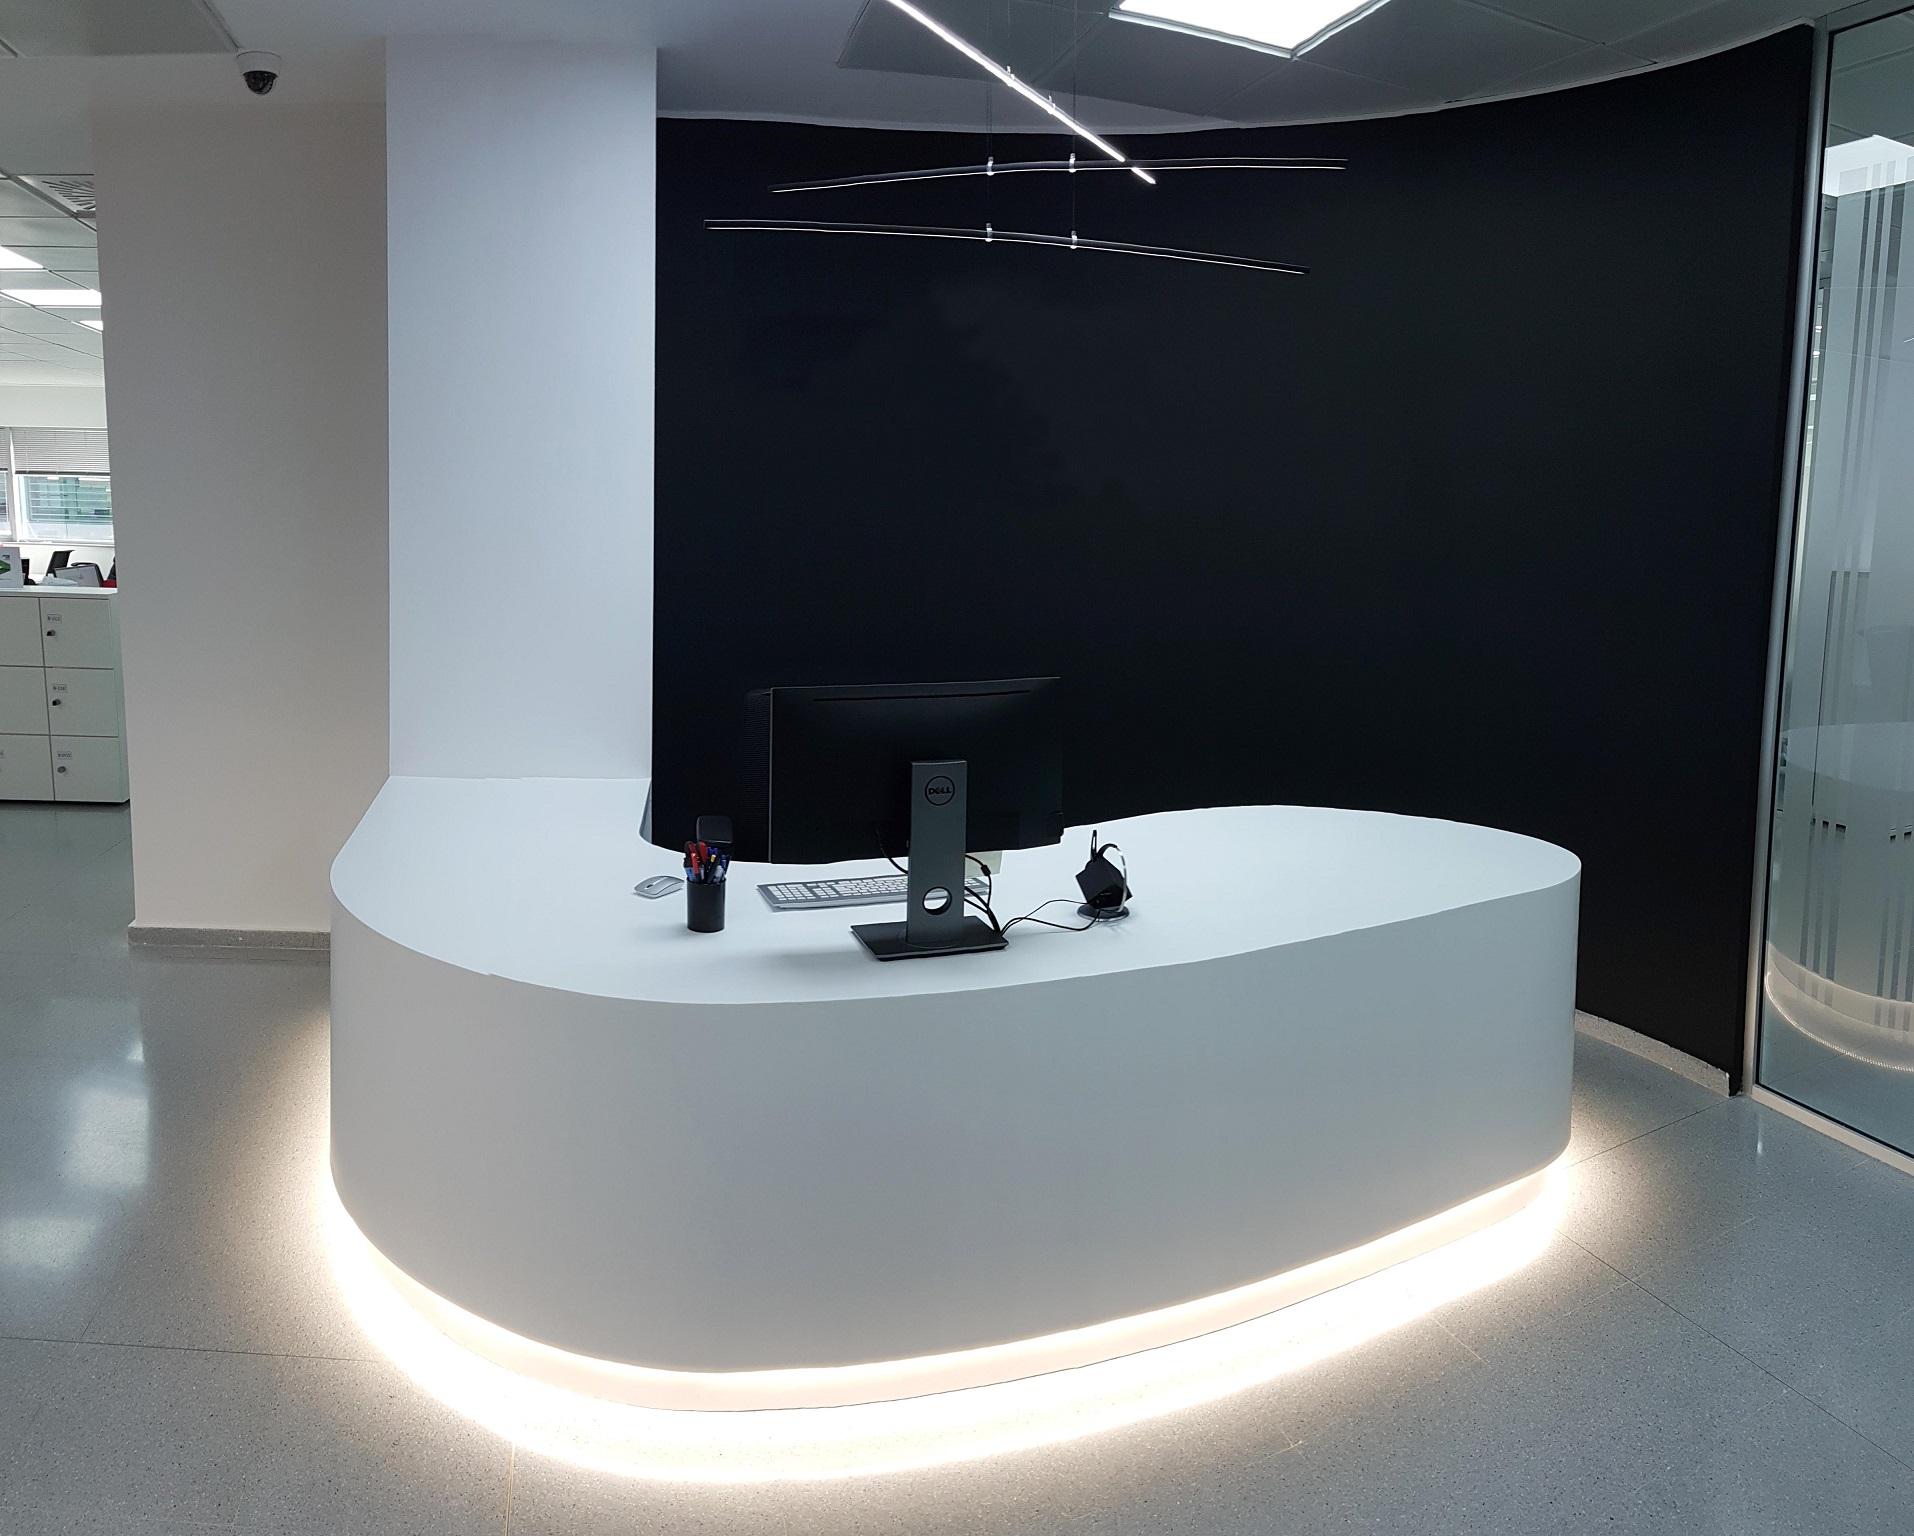 Proyectos de oficina en Sevilla: Diseño y decoración de espacios de recepción